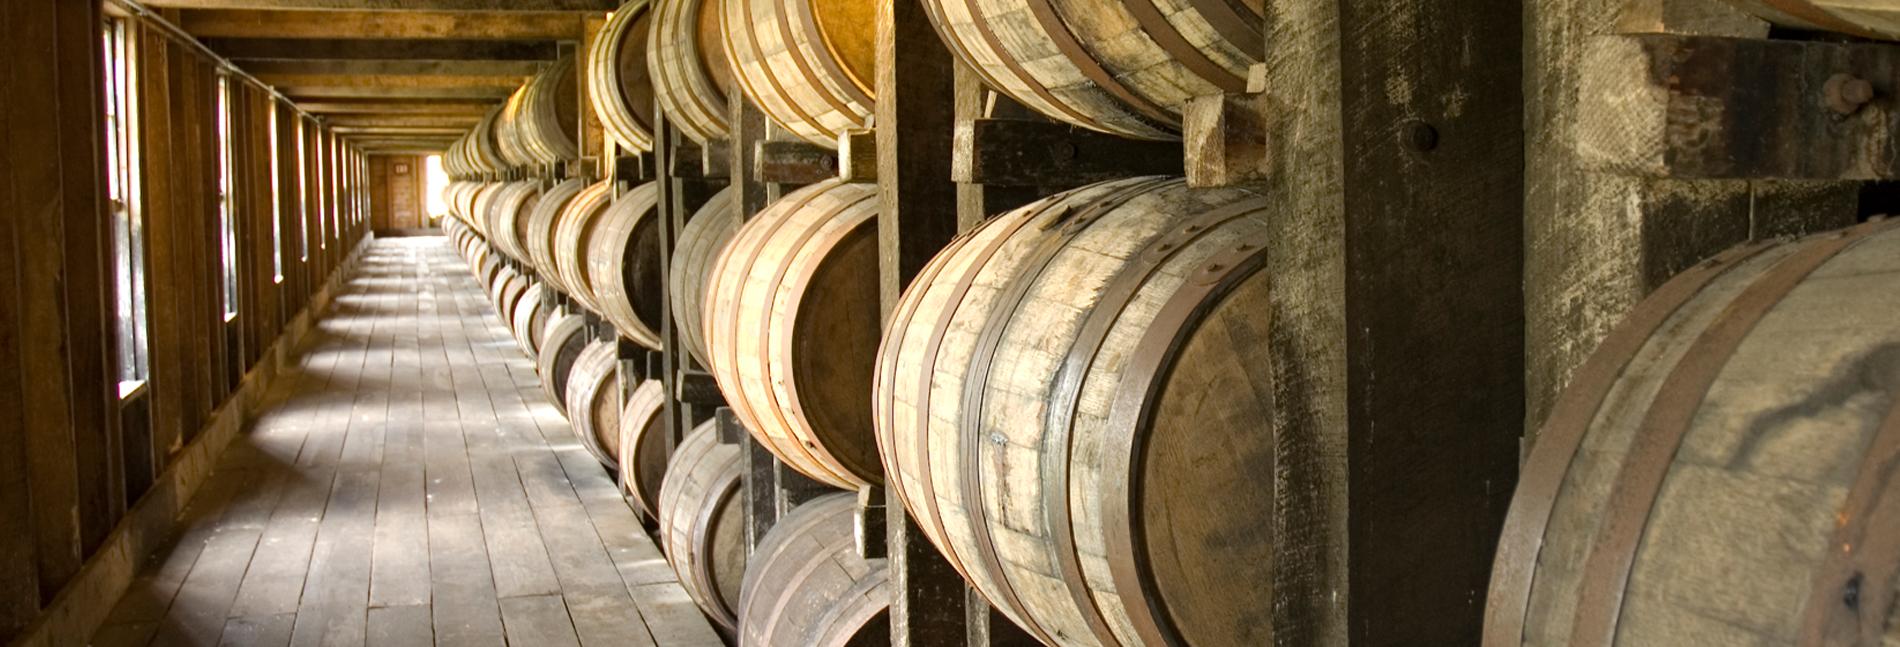 slide-barrels